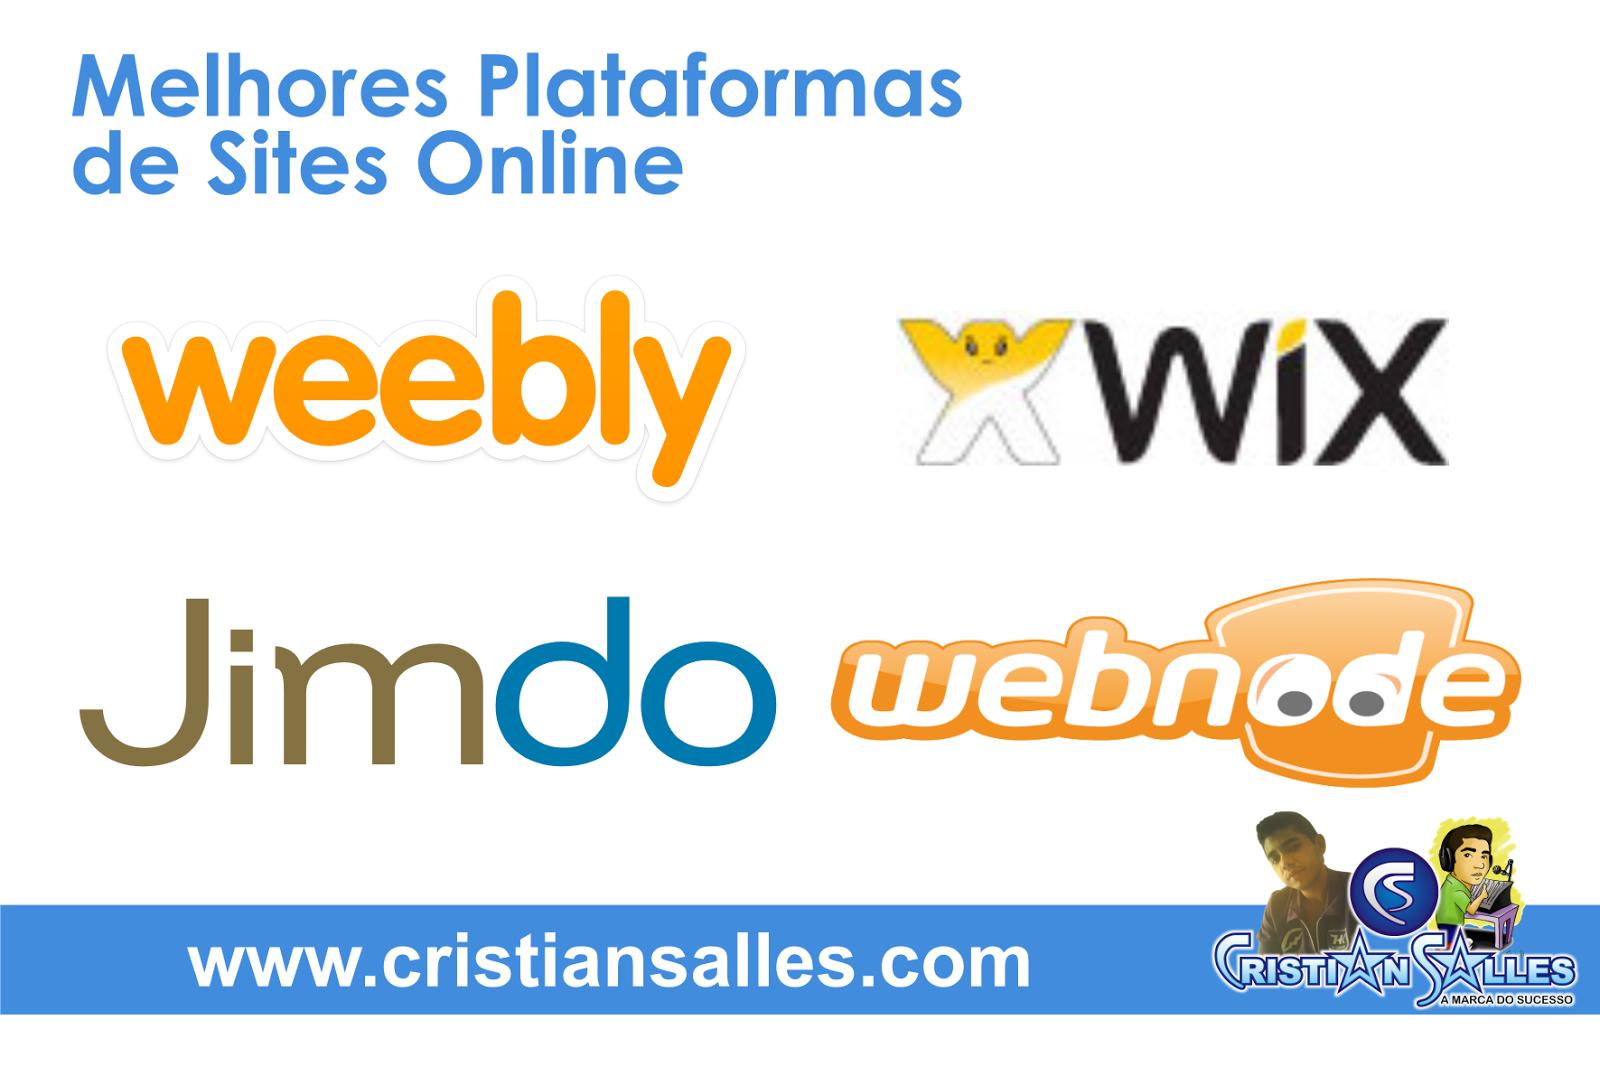 Melhores Plataformas de Sites Online